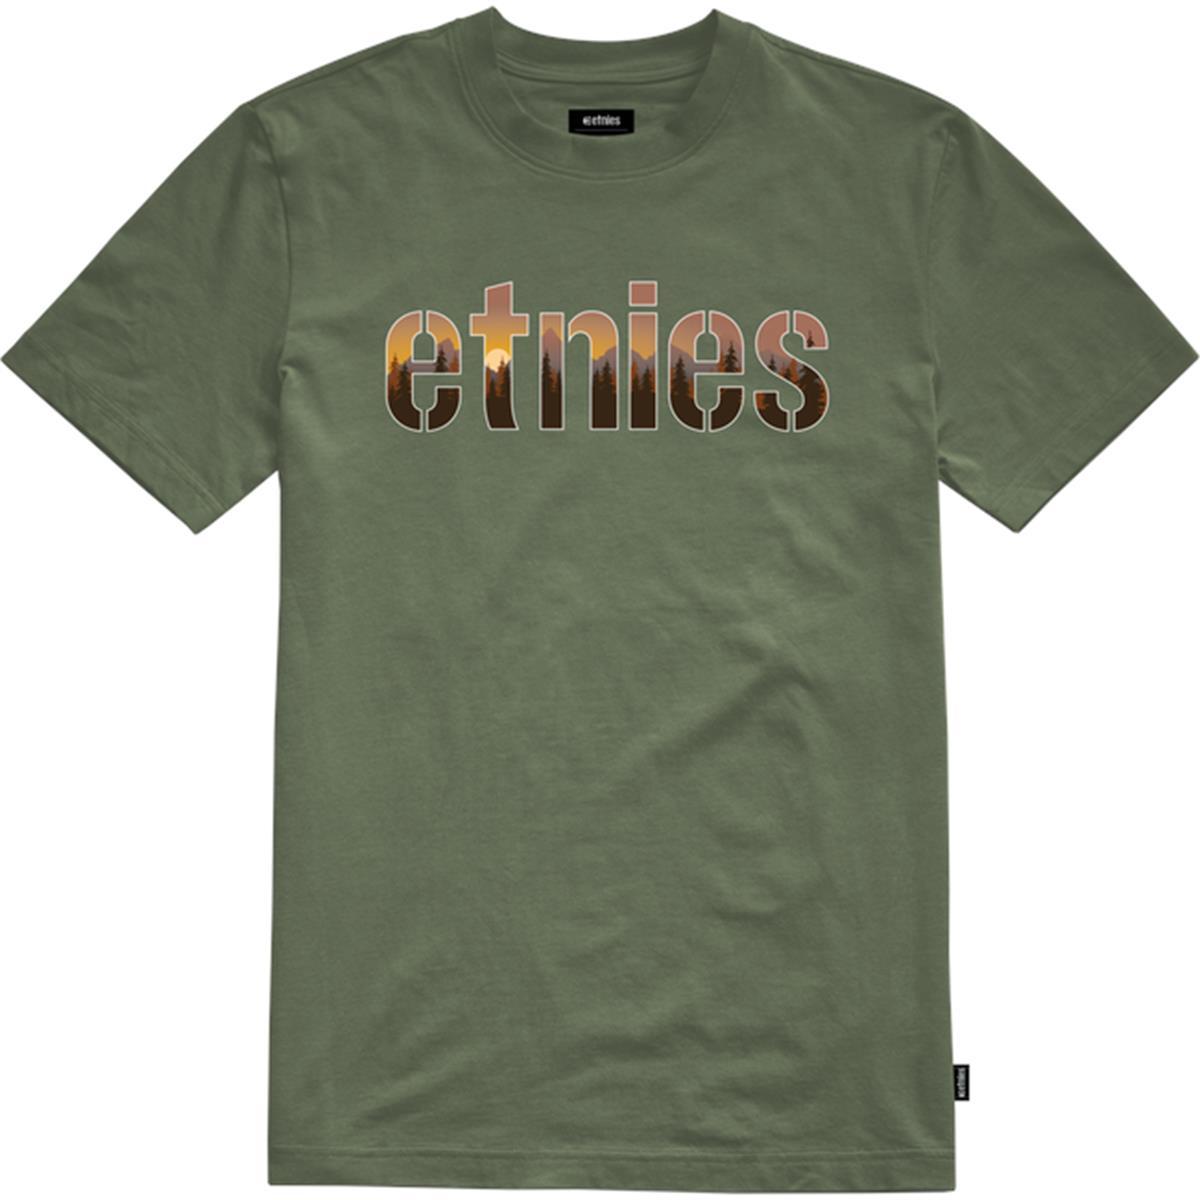 Etnies T-Shirt Landscape Military